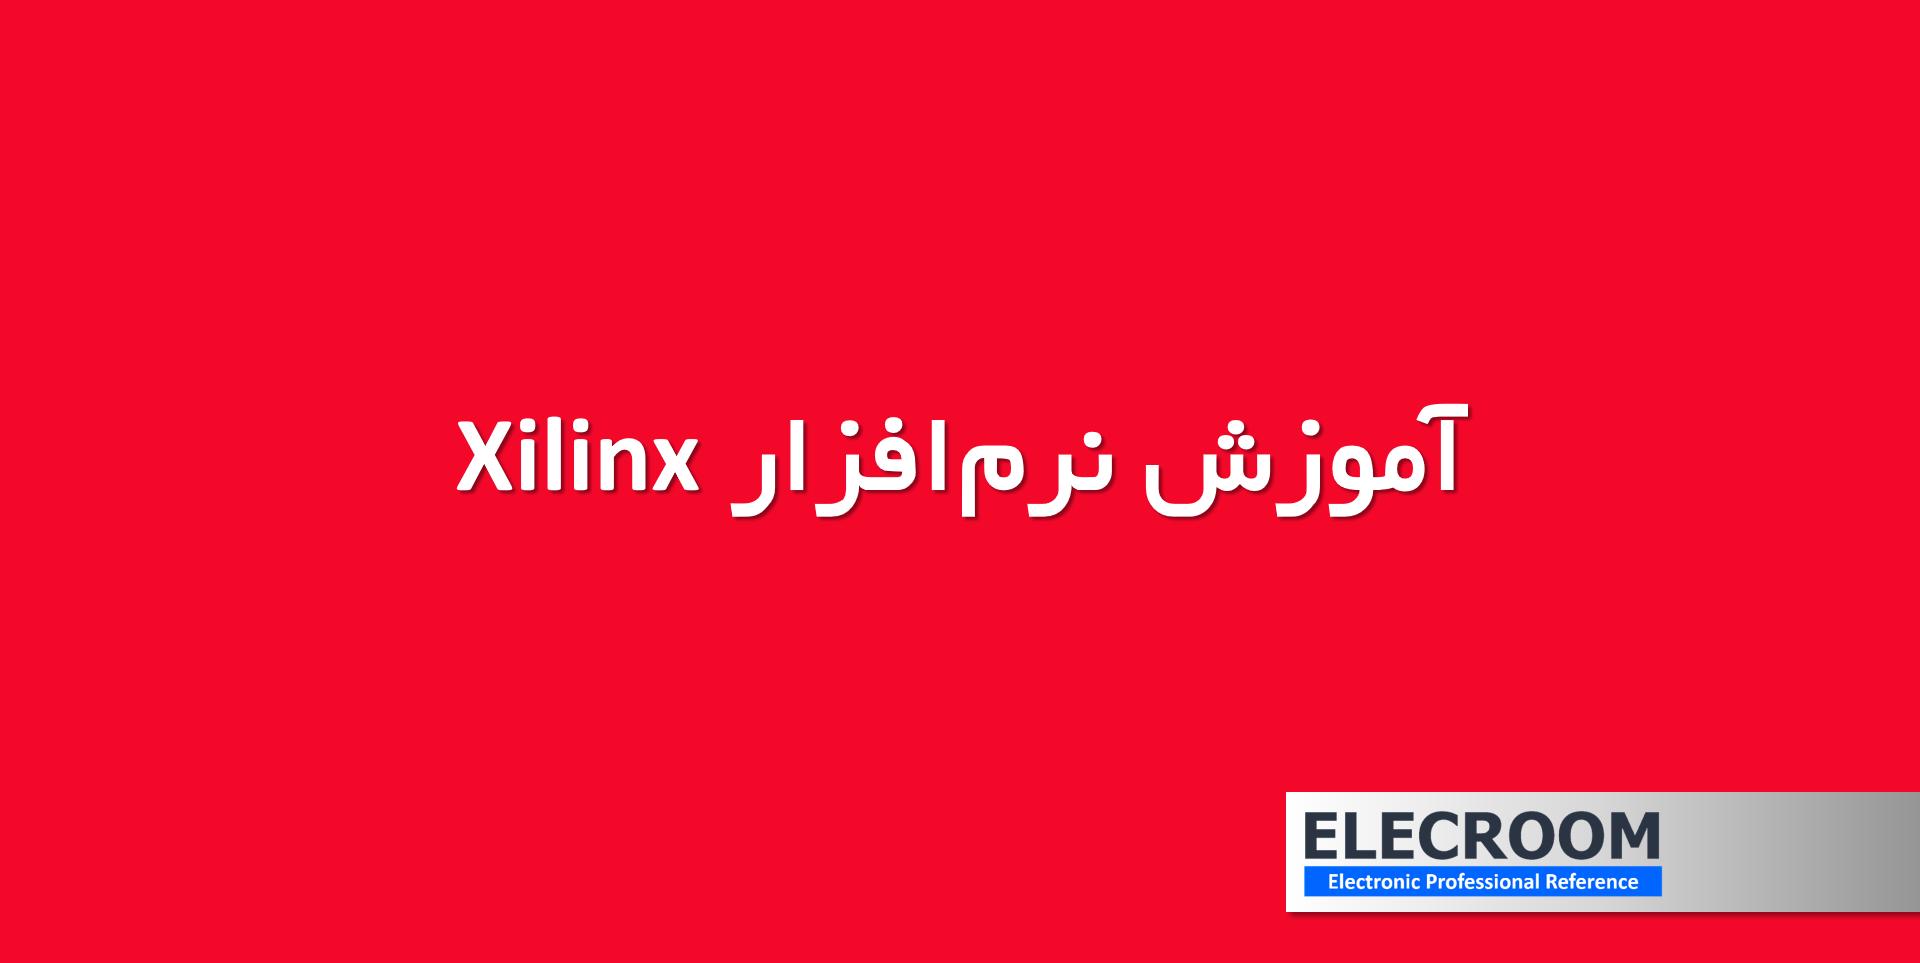 آموزش نرم افزار Xilinx